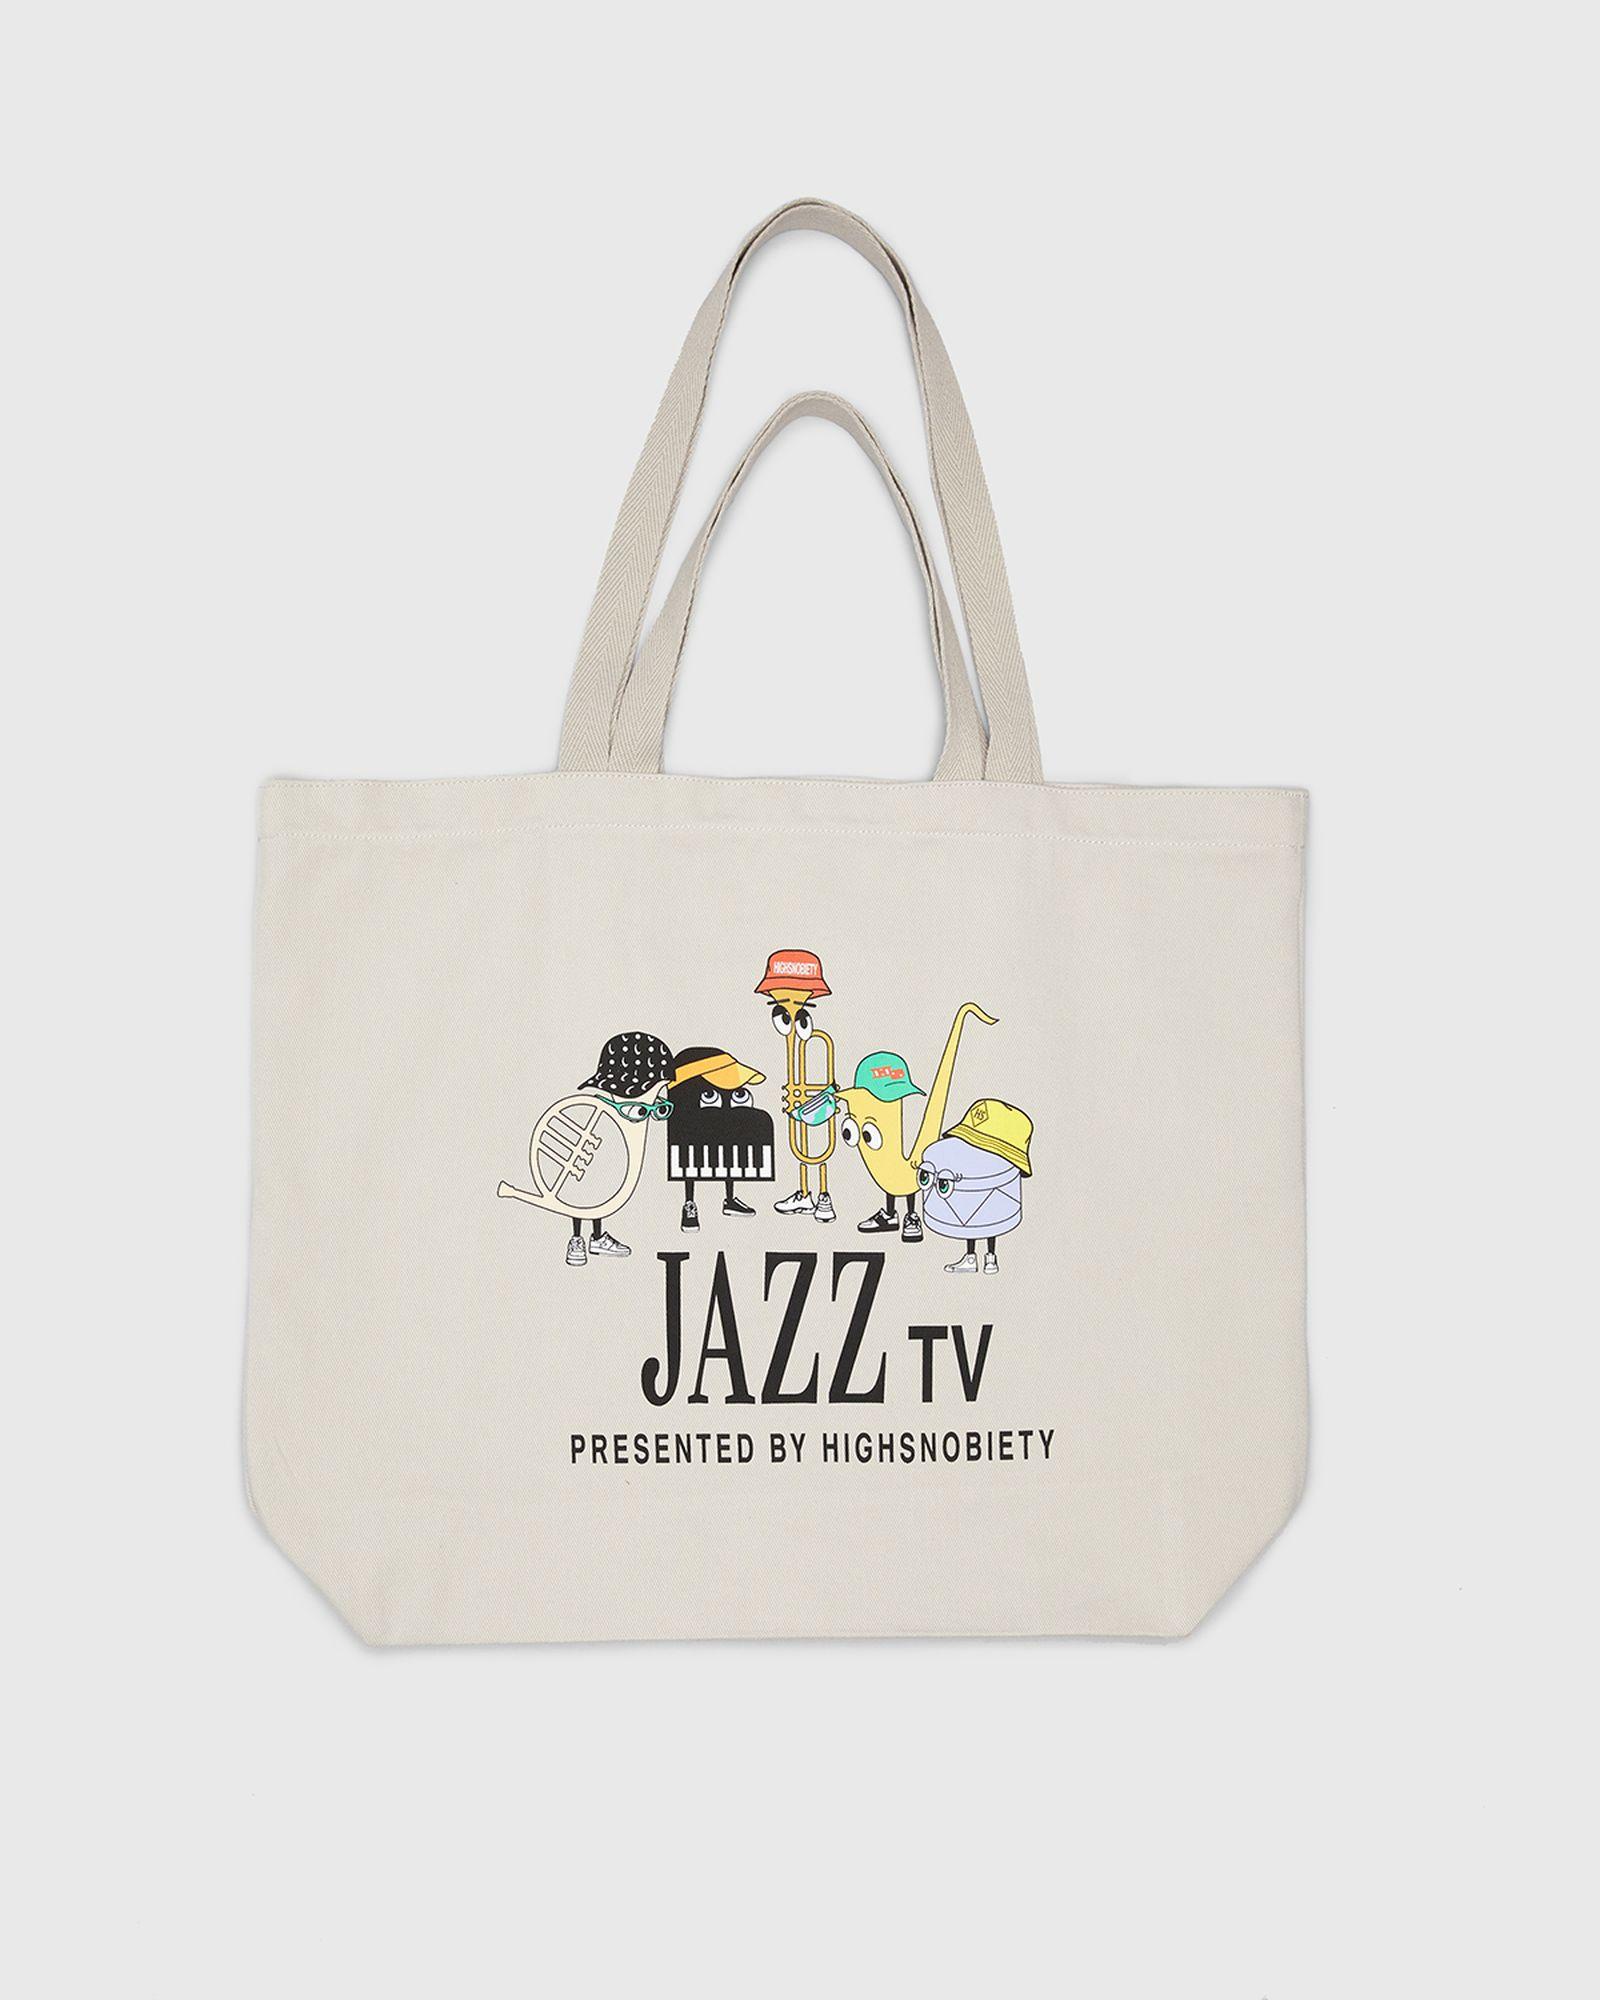 highsnobiety-jazz-tv-announcement-09